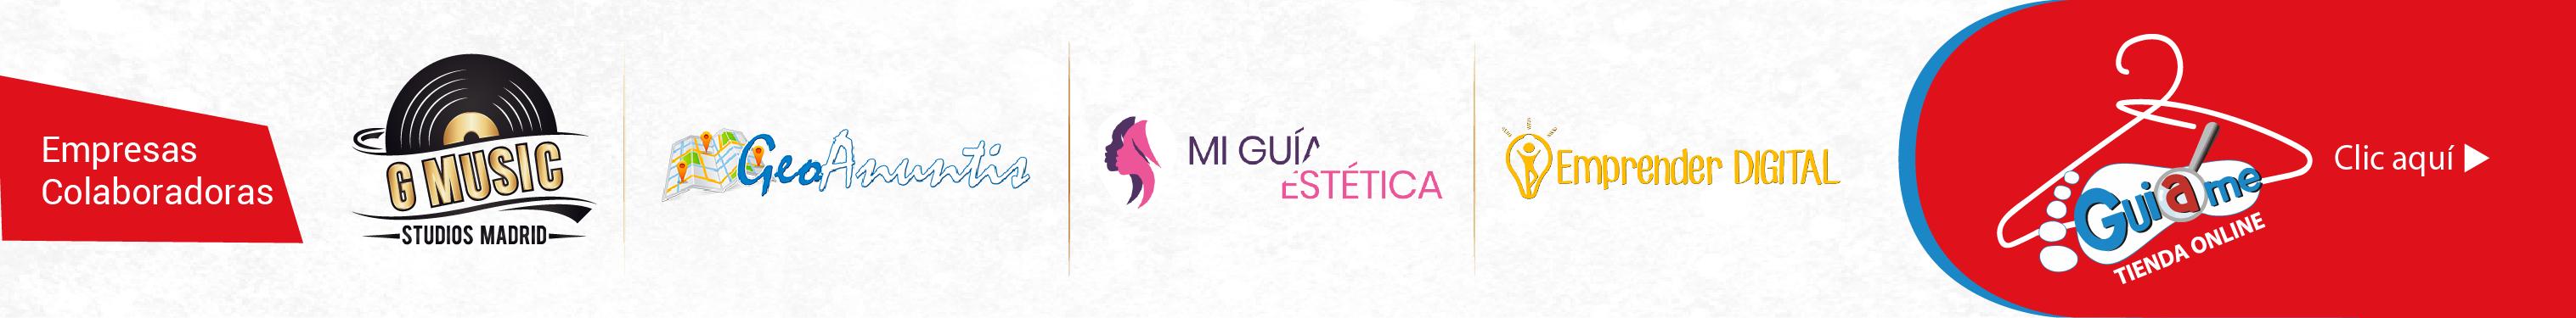 G Radio Latina